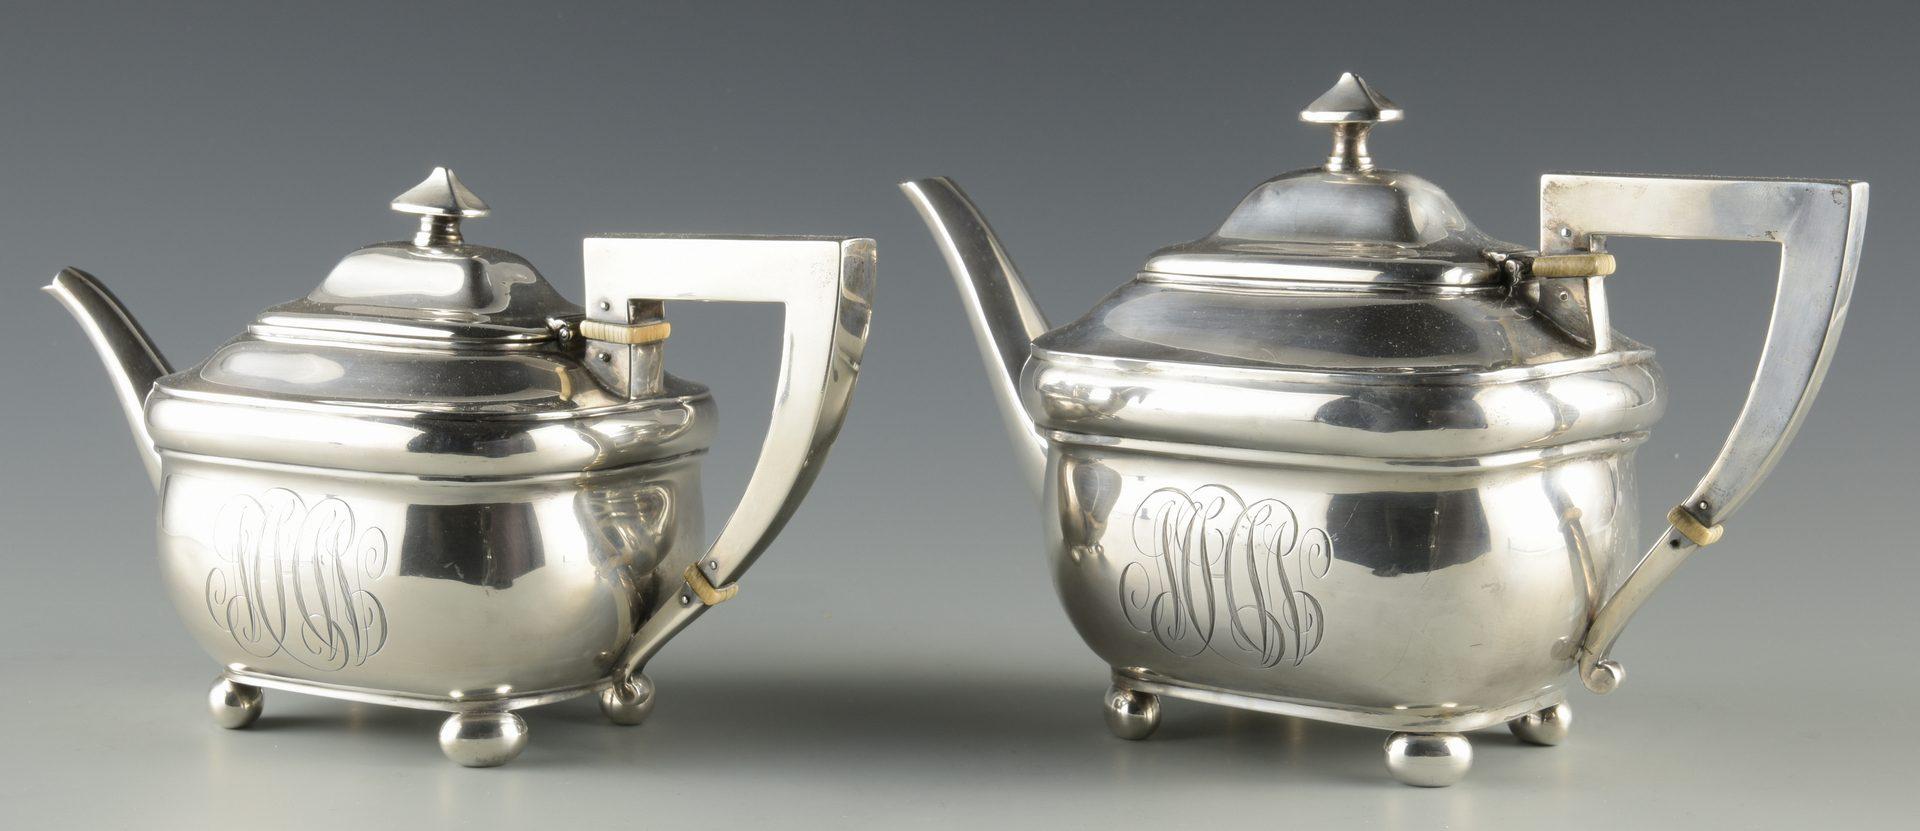 Lot 743: Unger Bros. Sterling Tea Set, 4 pcs.